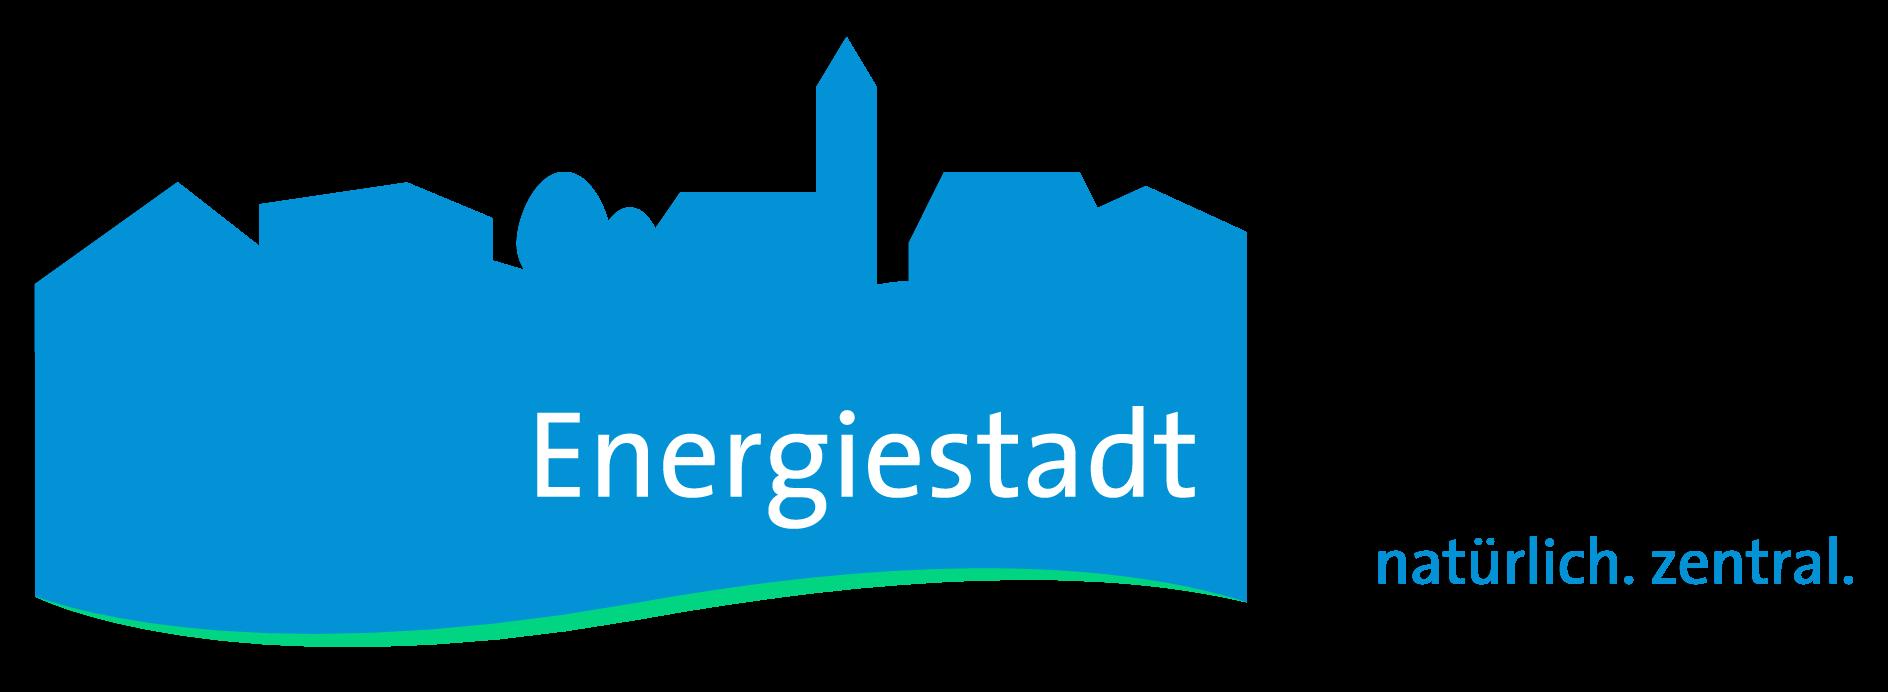 Olten Energiestadt Solothurn